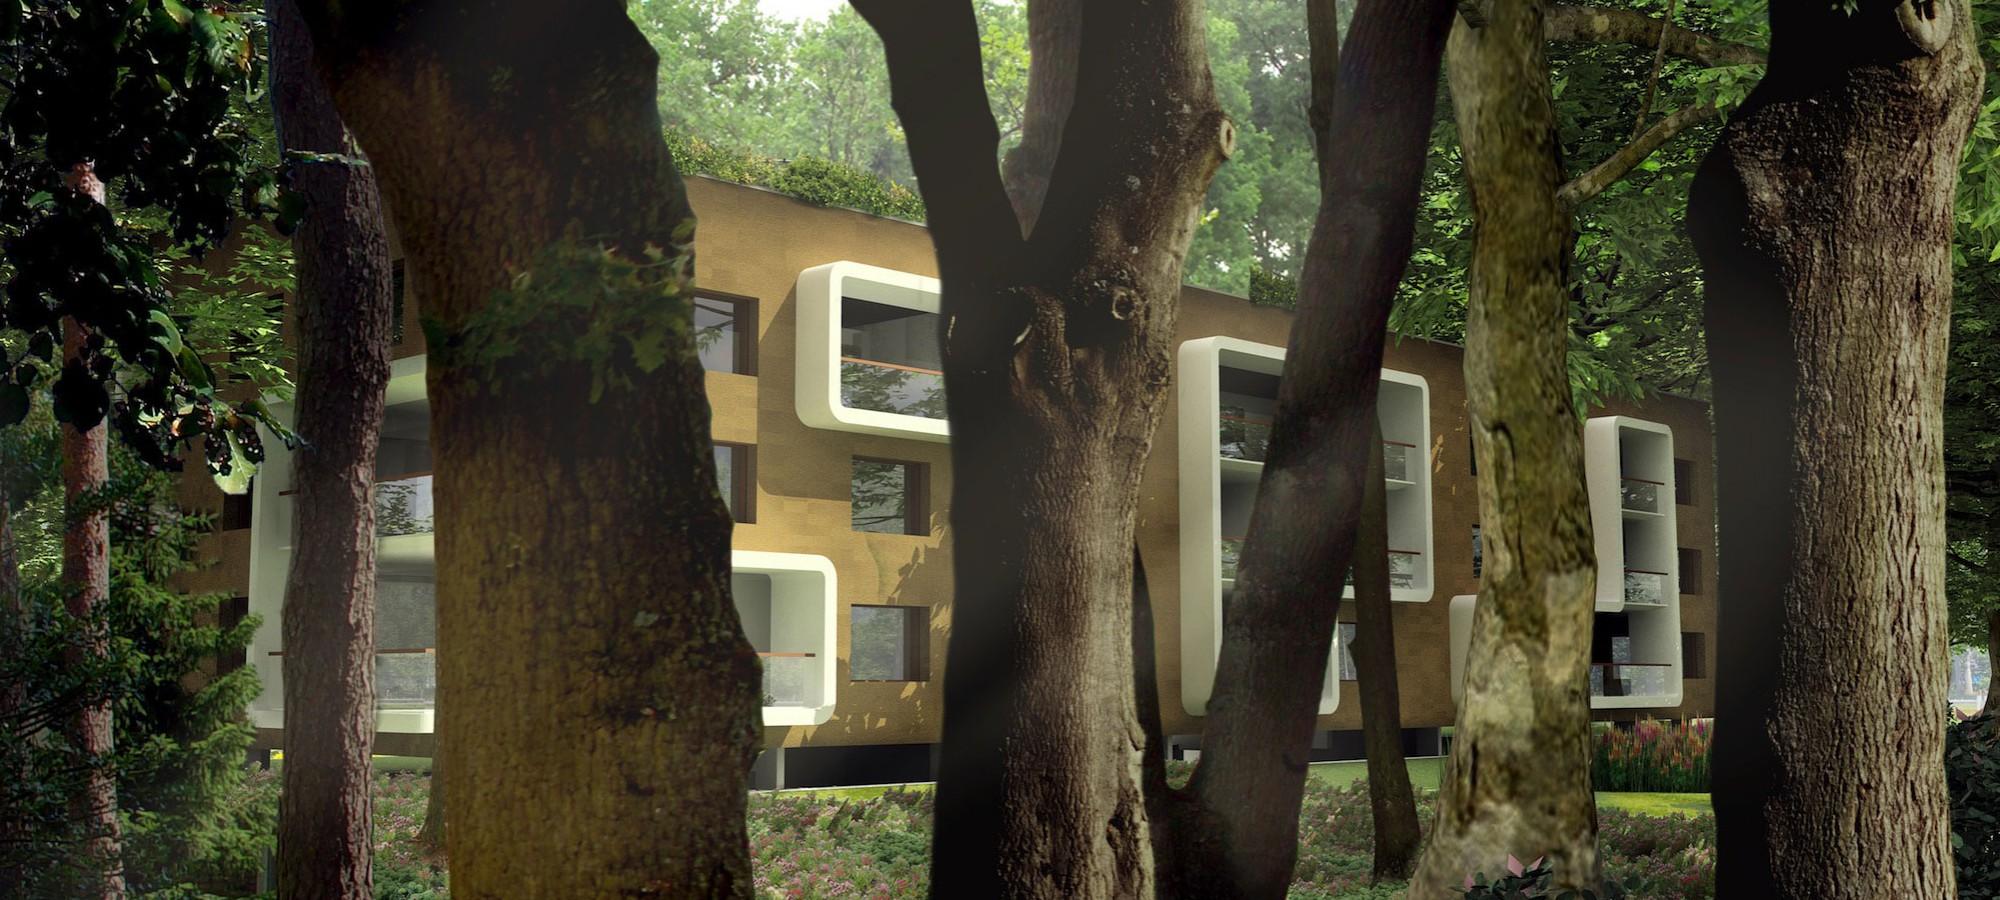 Woningen Stadhouderspark, Vught © drost + van veen architecten bv